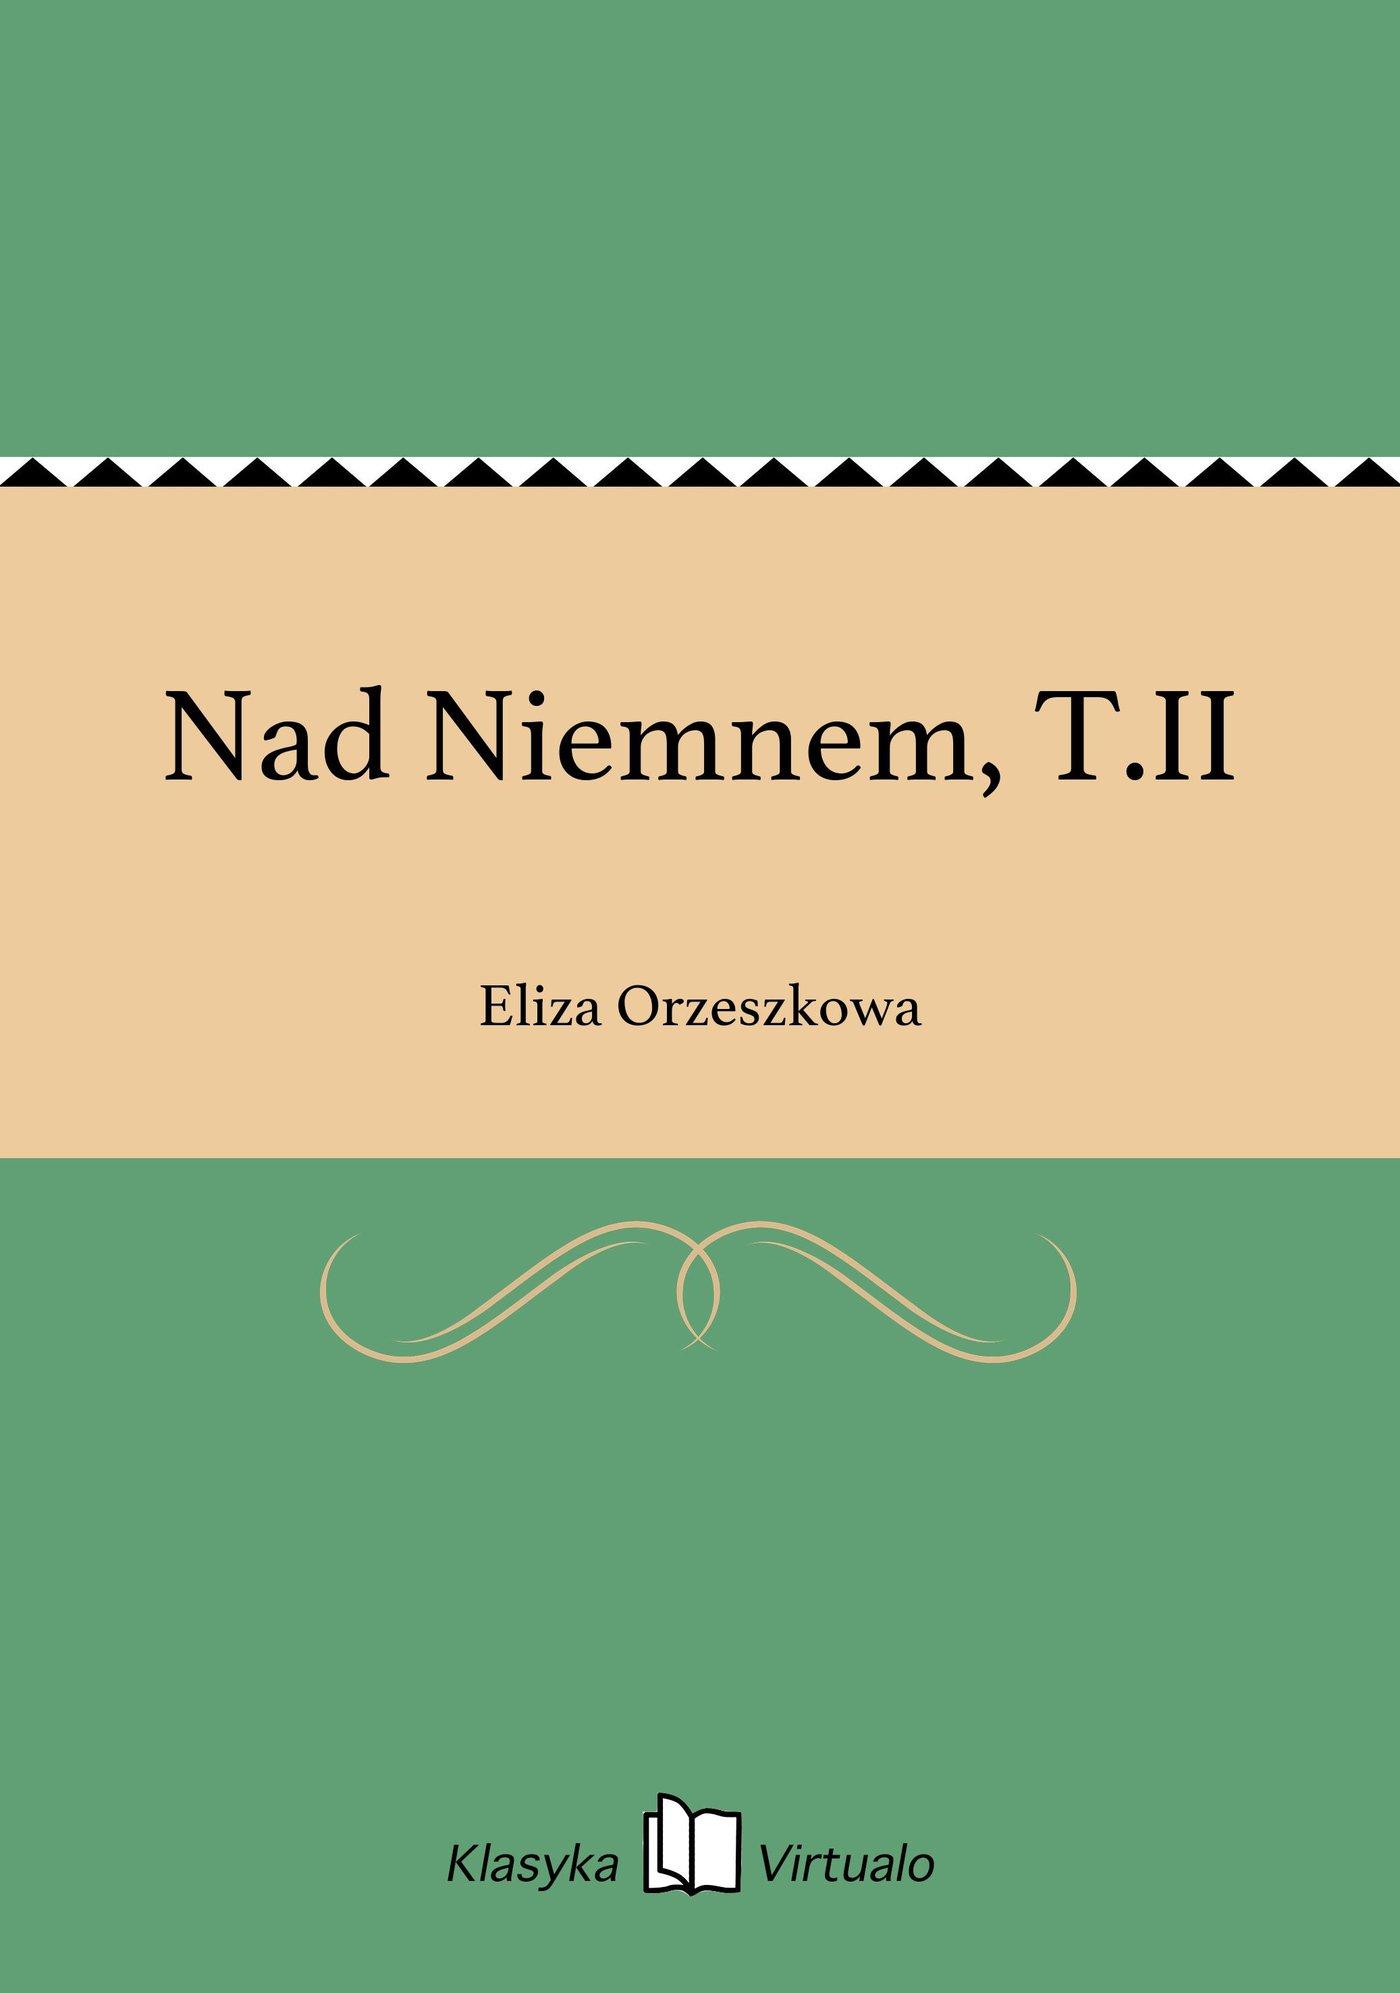 Nad Niemnem, T.II - Ebook (Książka EPUB) do pobrania w formacie EPUB